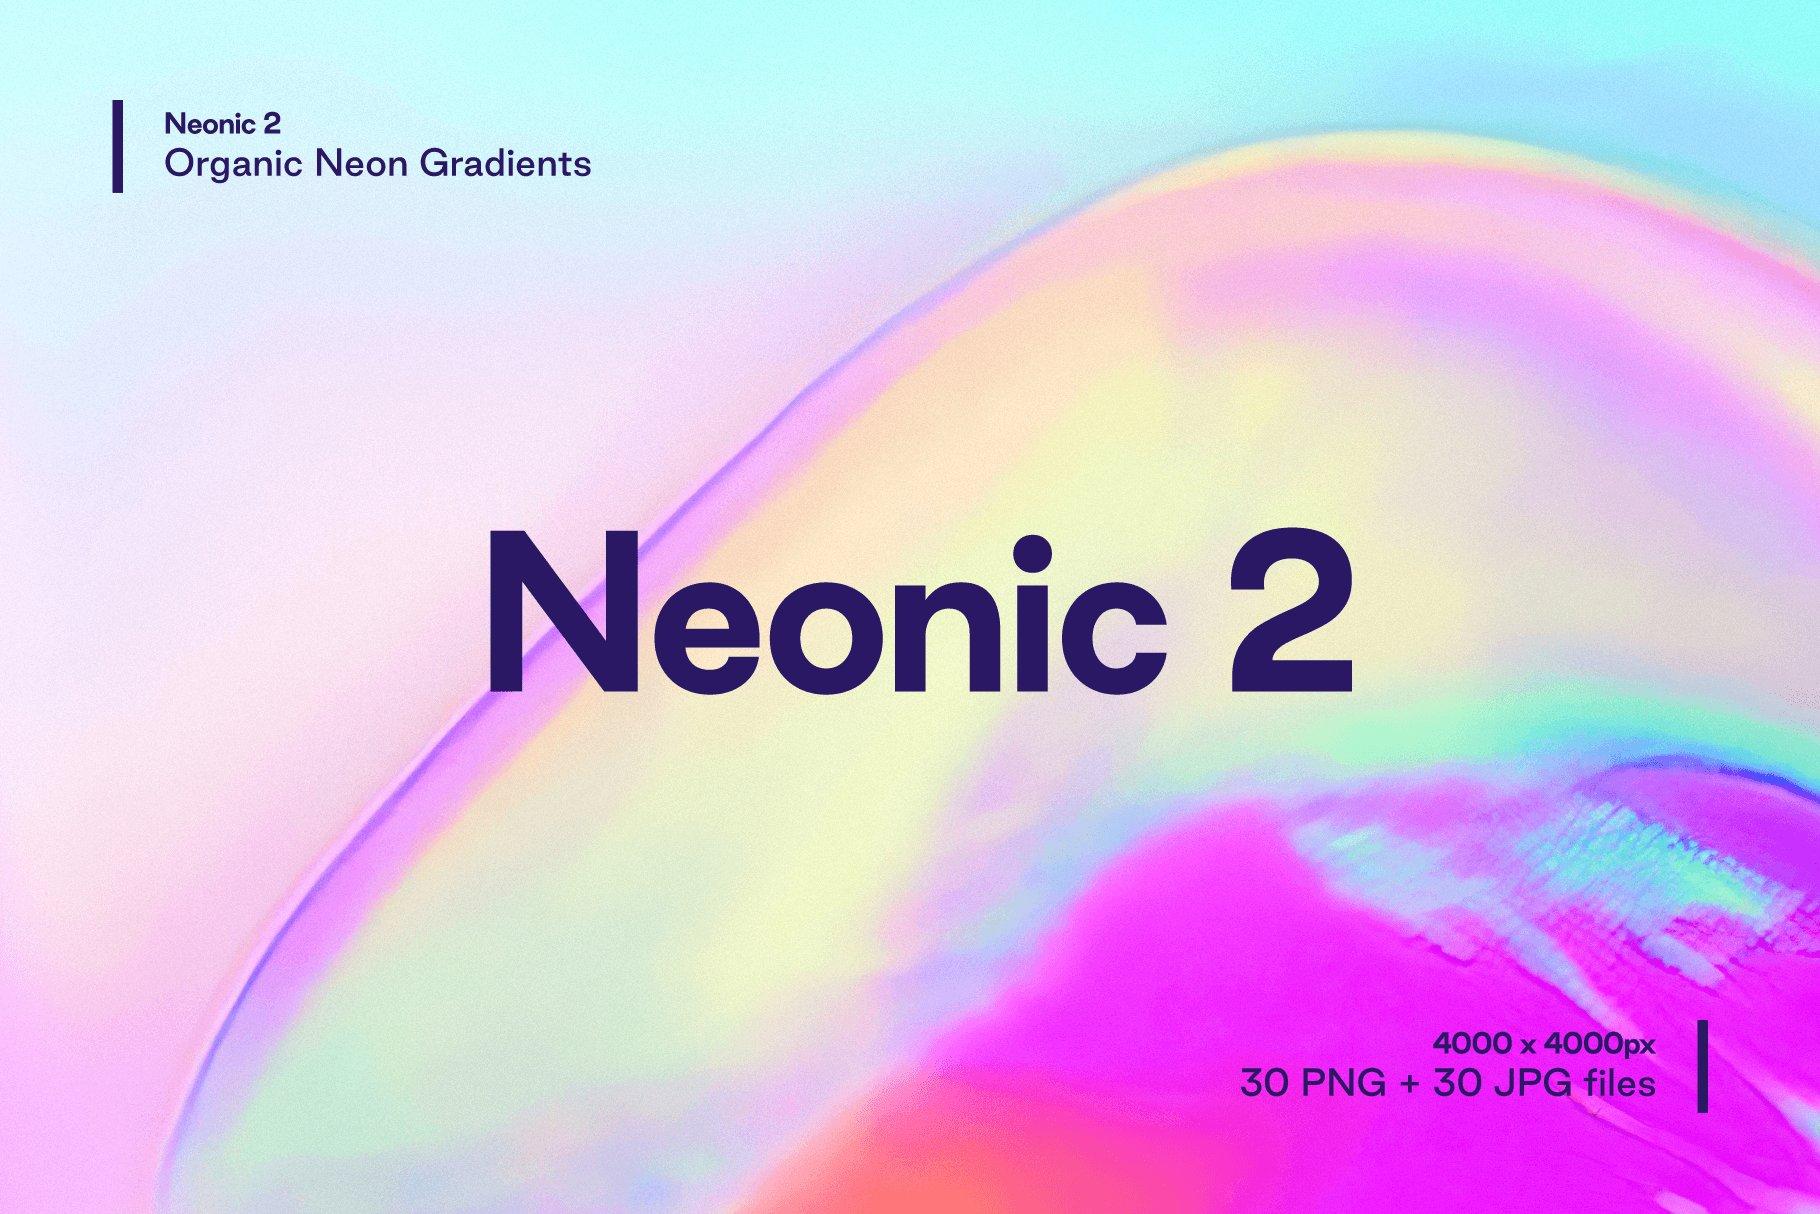 [淘宝购买] 30款高清抽象炫彩艺术霓虹流体渐变背景底纹图片素材 Neonic 2 – Organic Neon Gradients插图